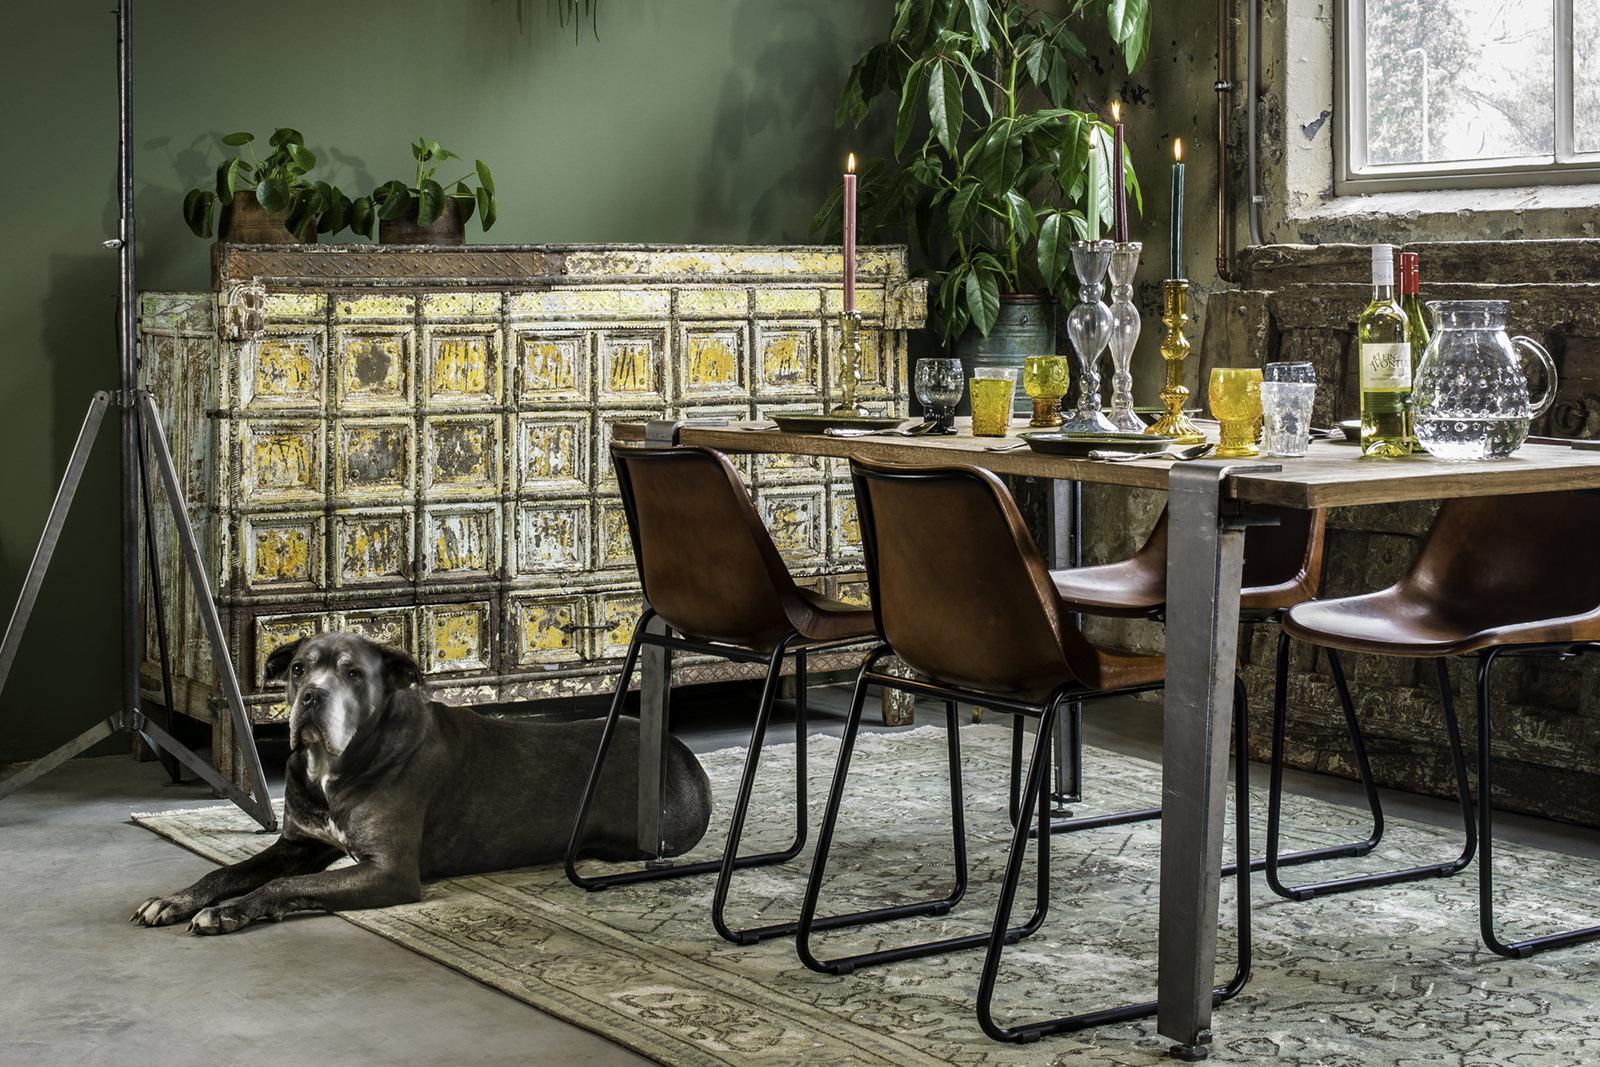 vintage design meubels unieke design inrichting oude design inrichting uniek design interieur